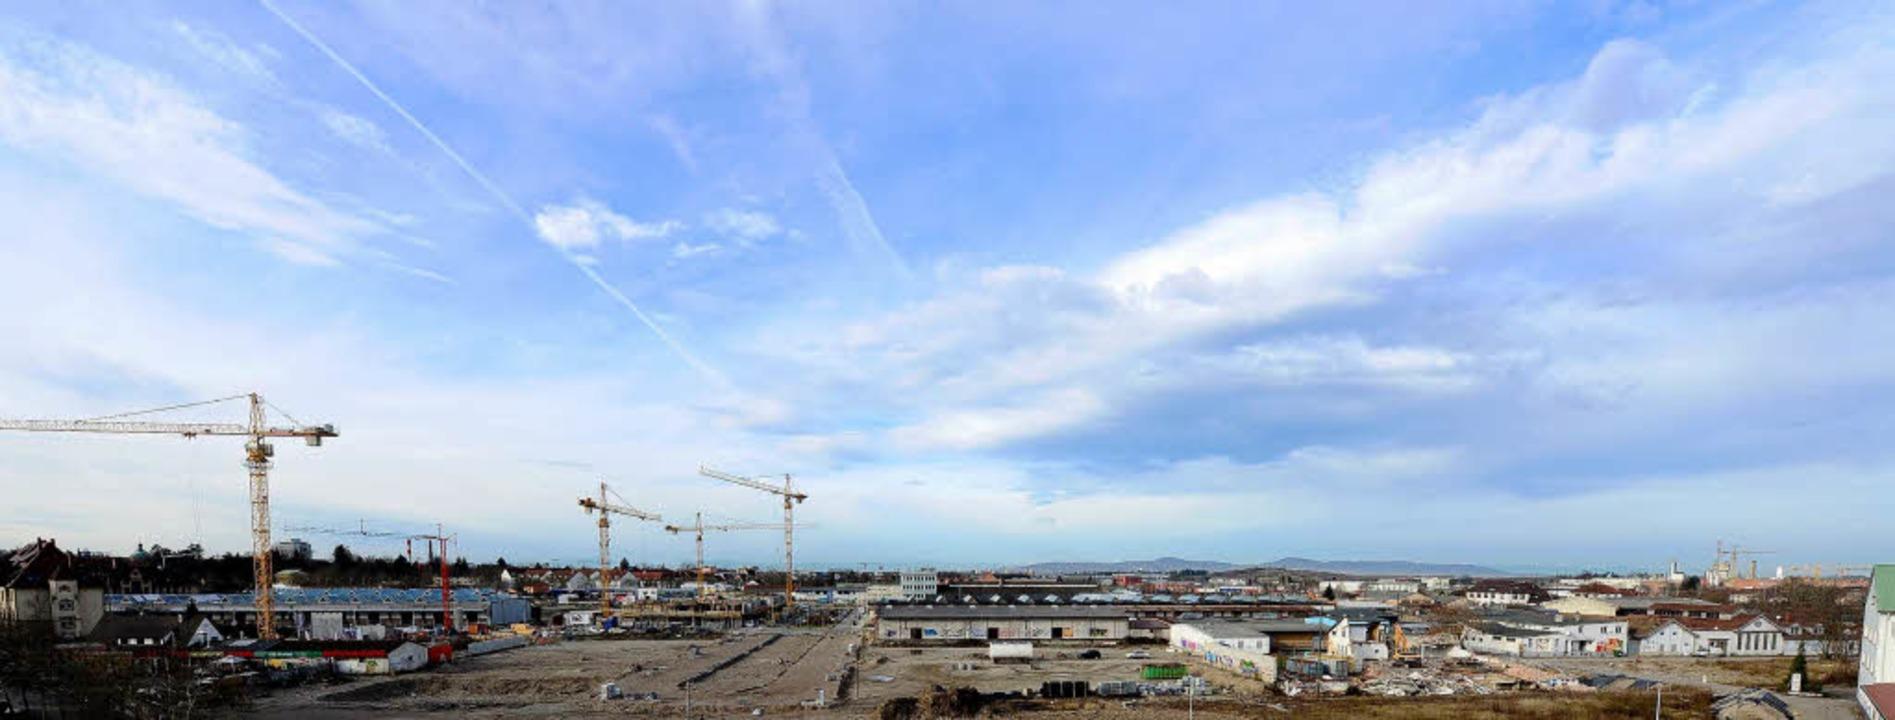 Güterbahnhofareal Nord: Auf den Abriss folgt der Aufbau.  | Foto: Ingo schneider